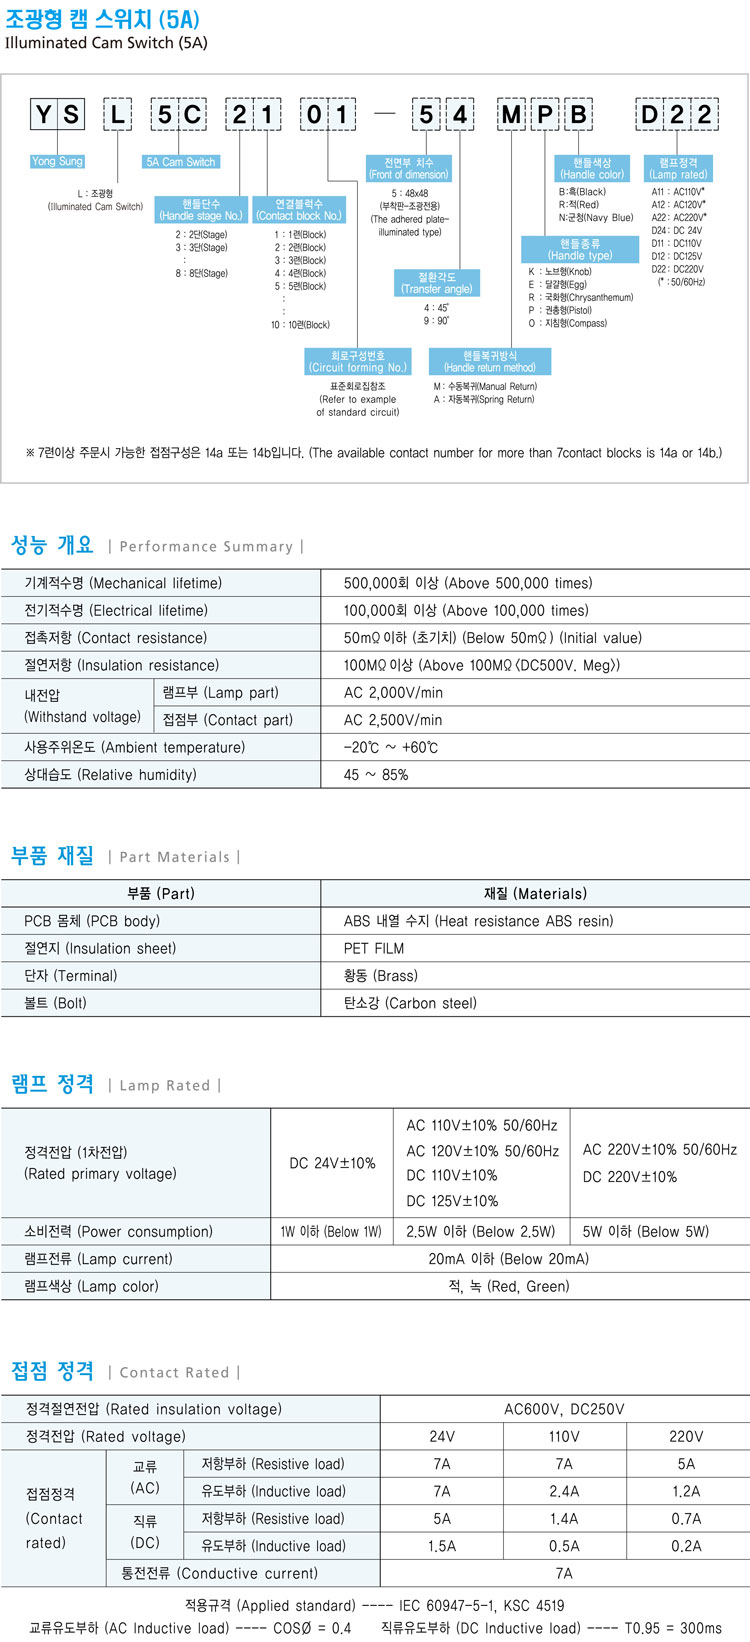 韓國龍聲YSL5CA系列帶燈轉換開關。